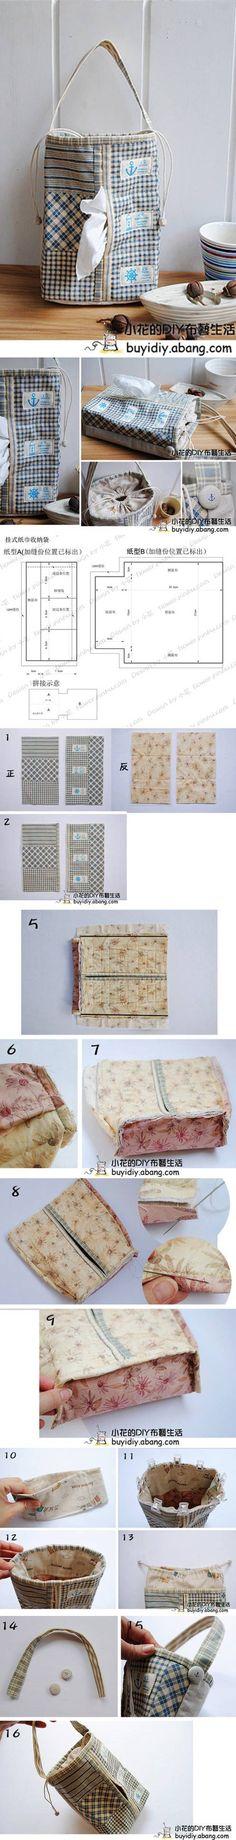 Asciugamano semplice fai da te fai da te Pouch Progetti   UsefulDIY.com